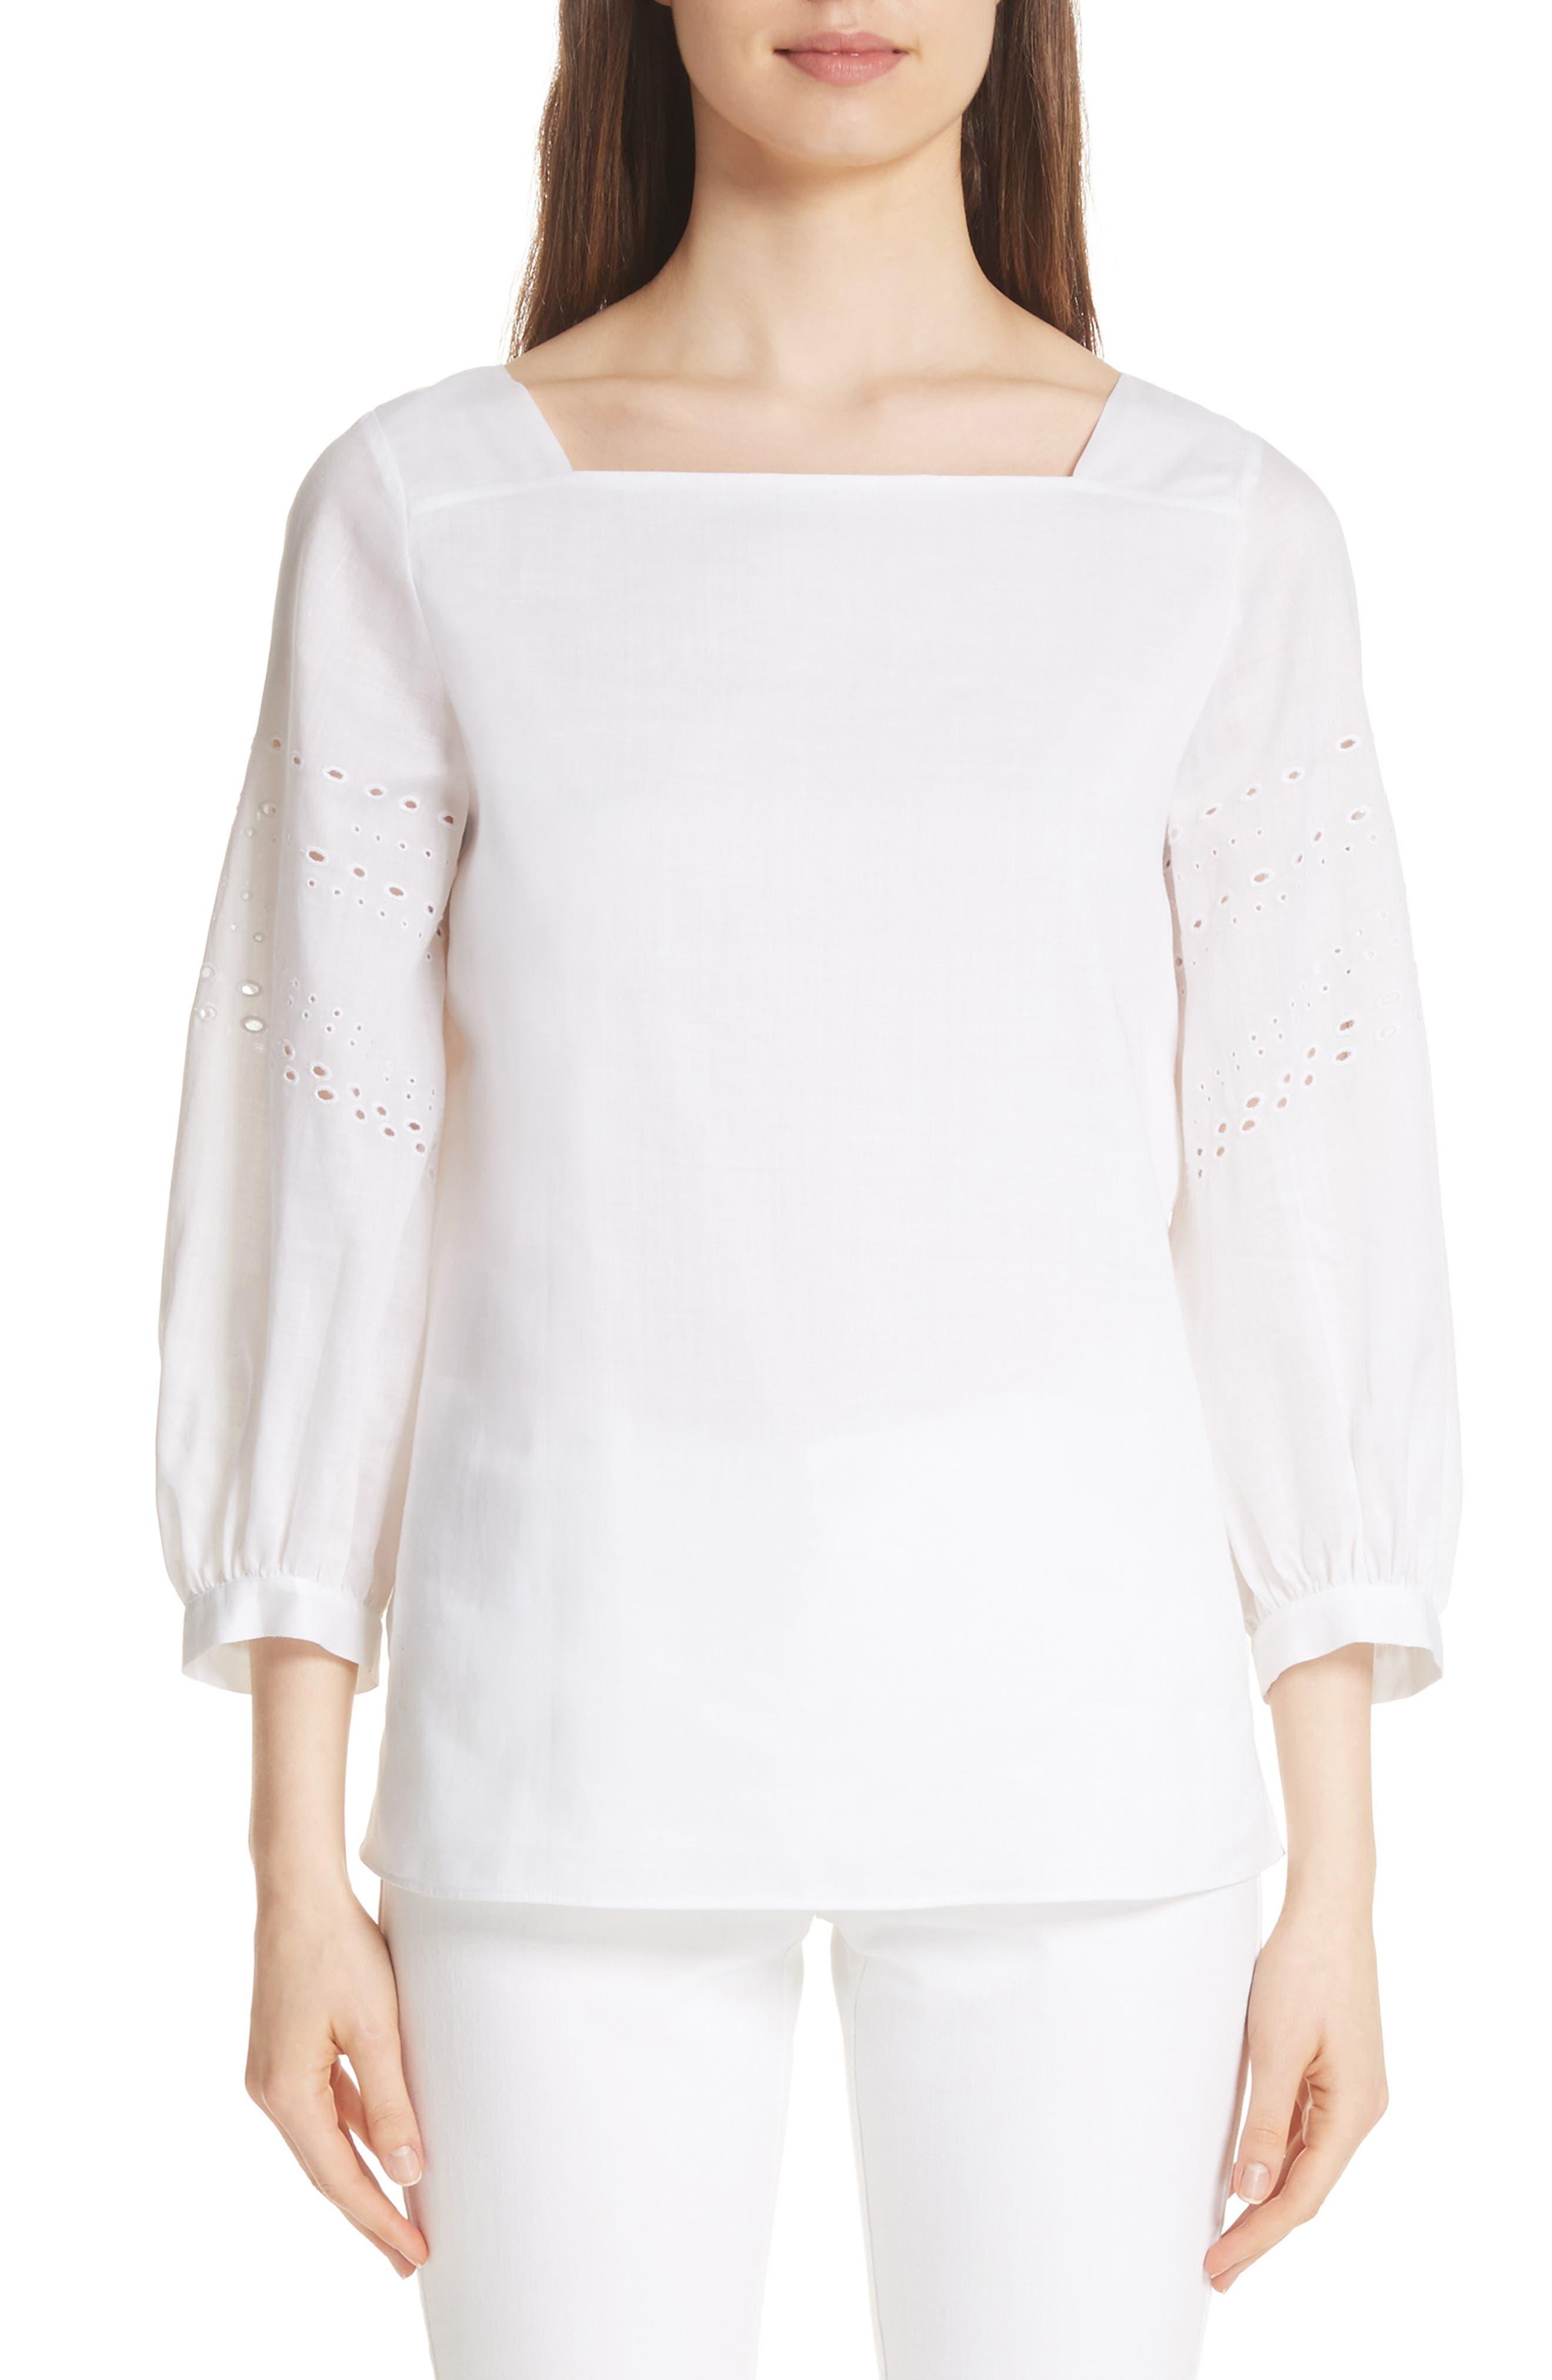 Harper Gemma Cloth Blouse,                         Main,                         color, White